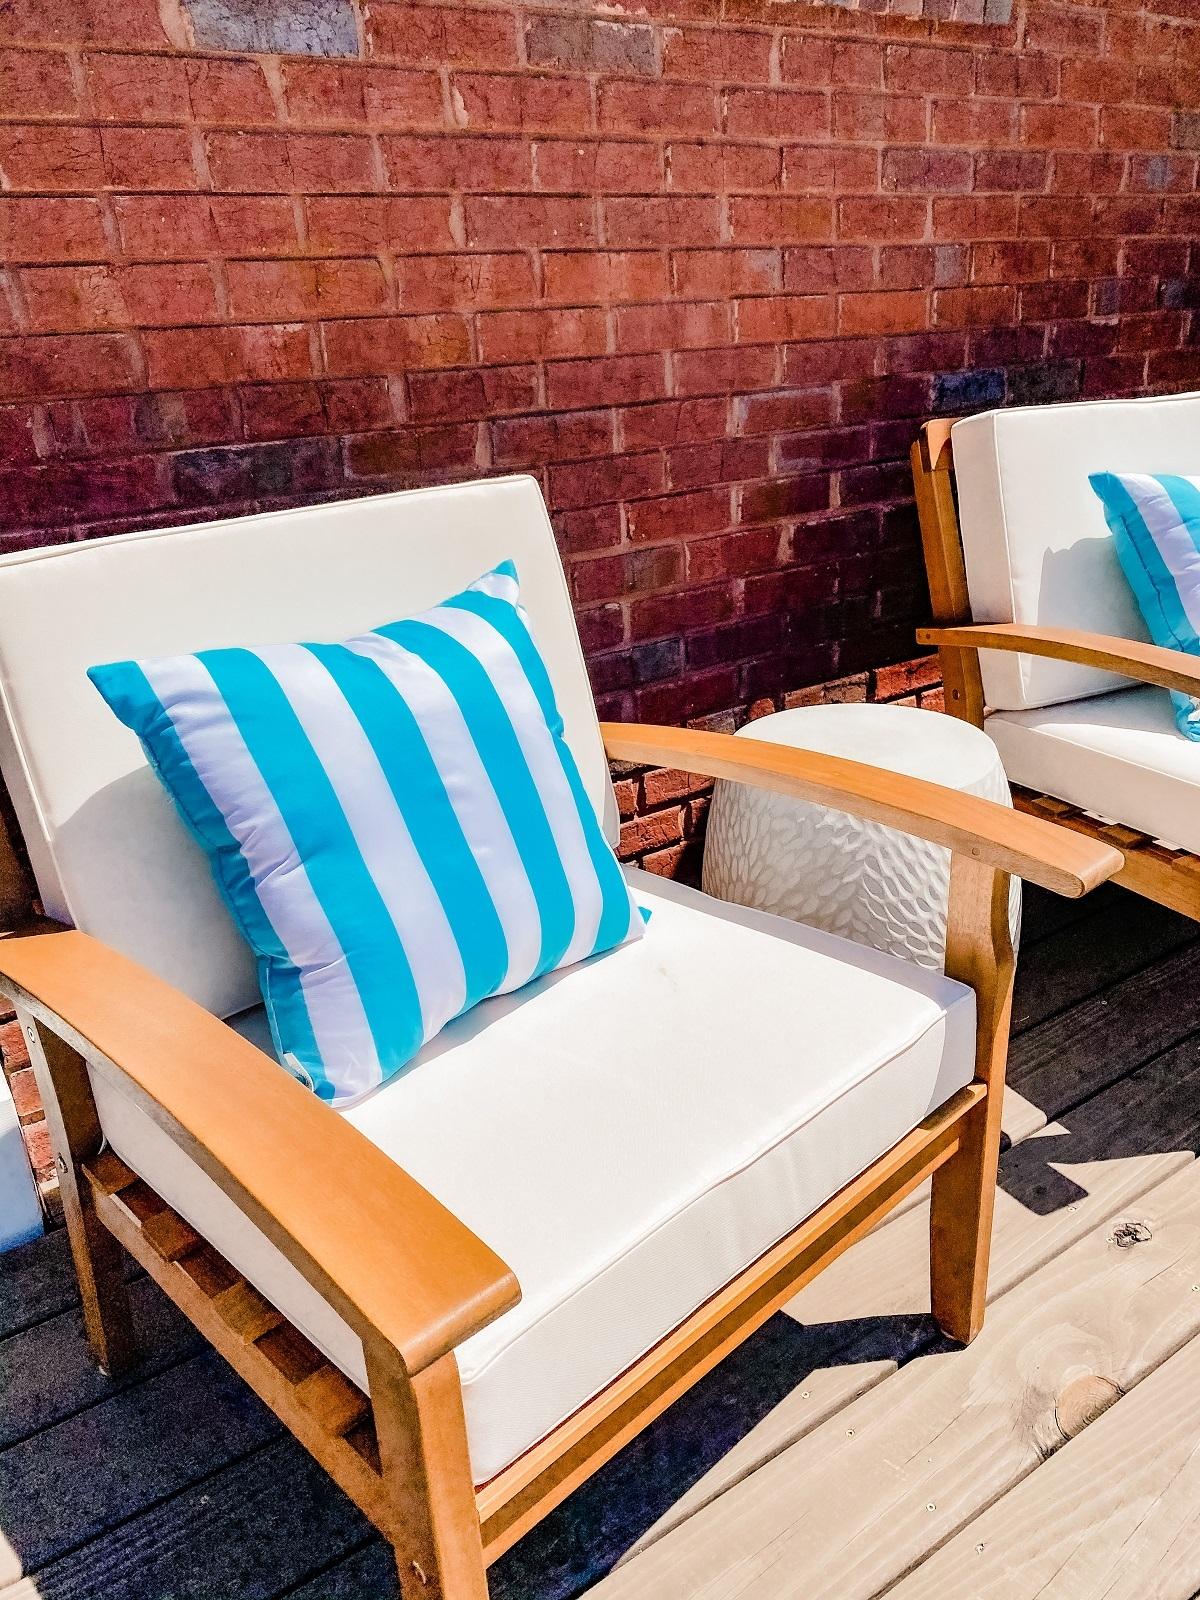 outdoor pillows, cushions, patio